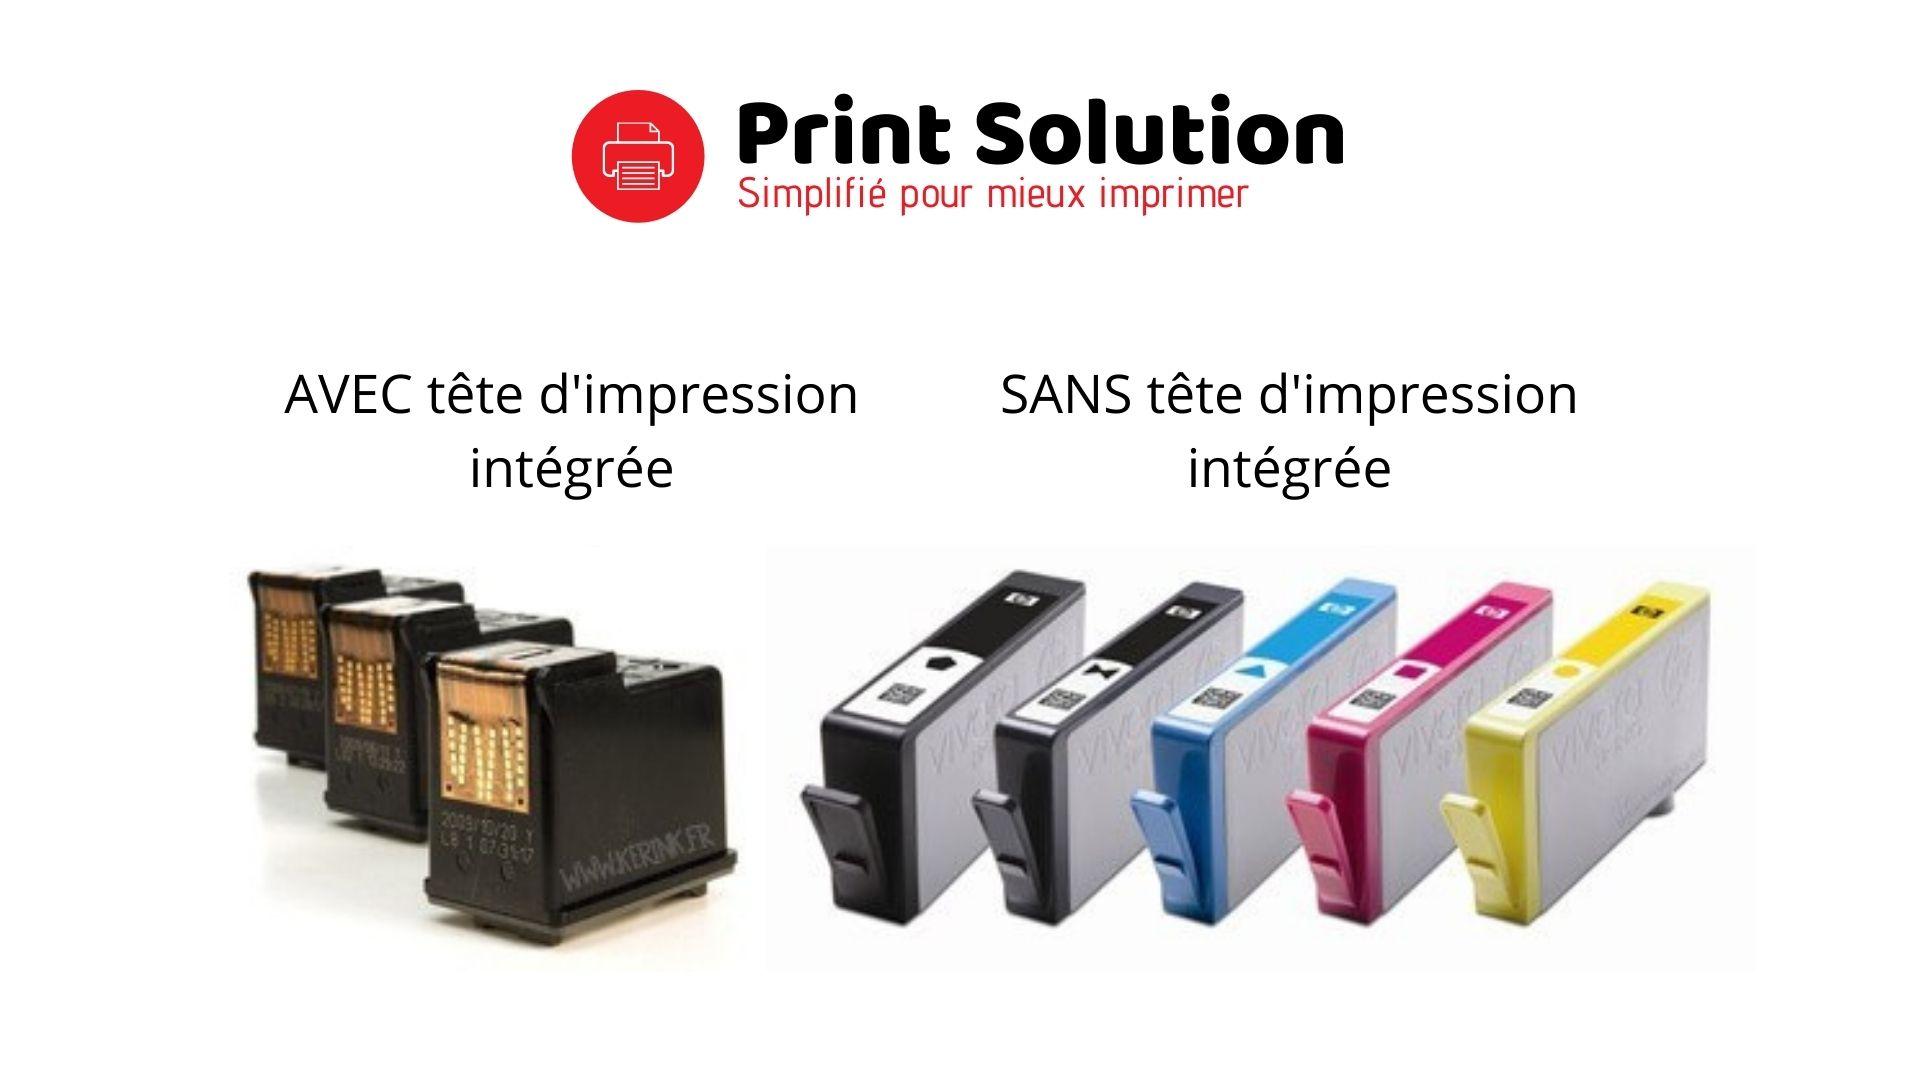 Différence entre les cartouches d'imprimante AVEC et SANS têtes d'impression